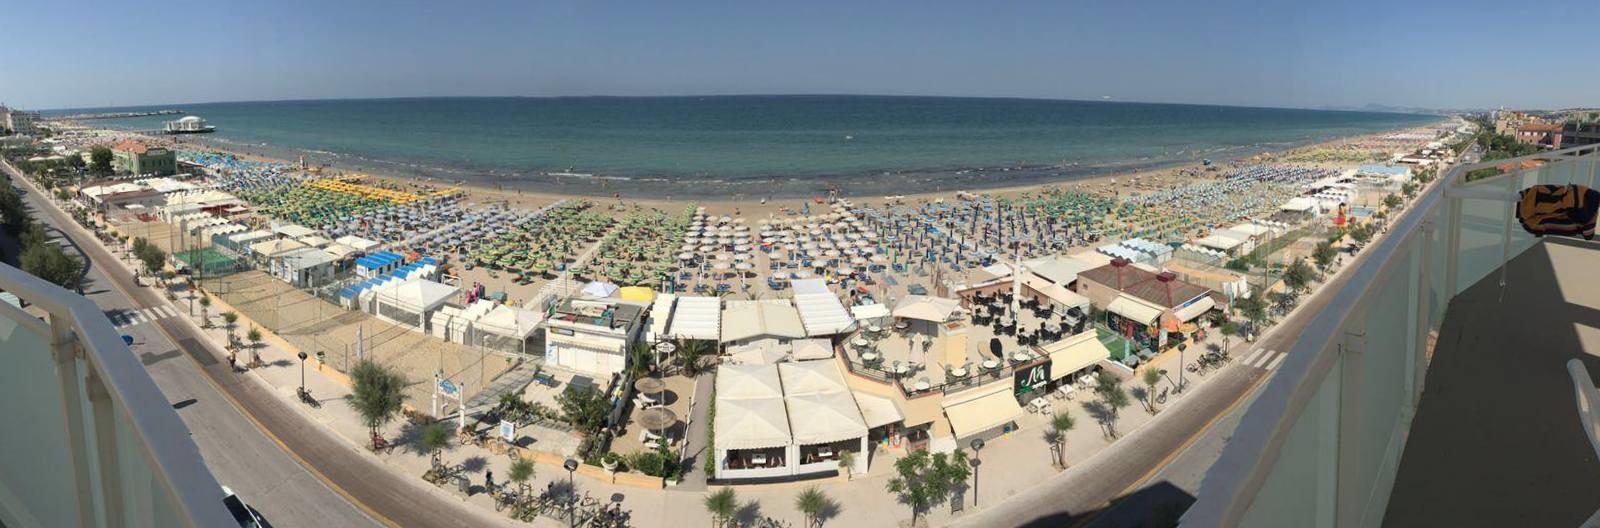 Senigallia, pláž v centru